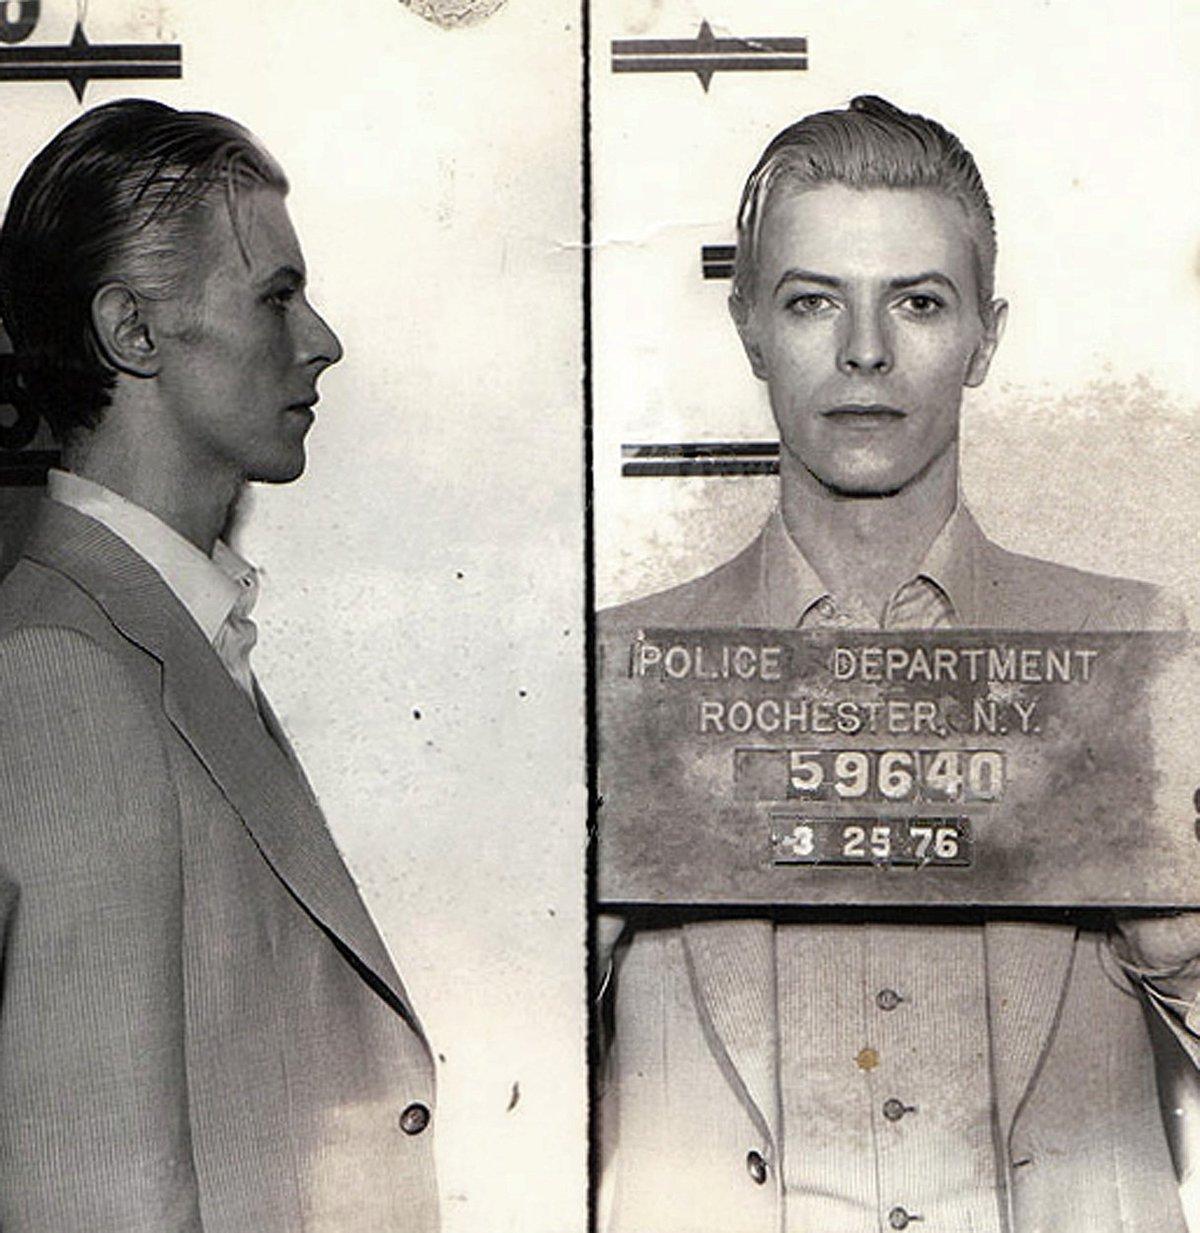 Fotografie Davida Bowieho coby vězně vznikli v březnu roku 1976 v New Yorku.